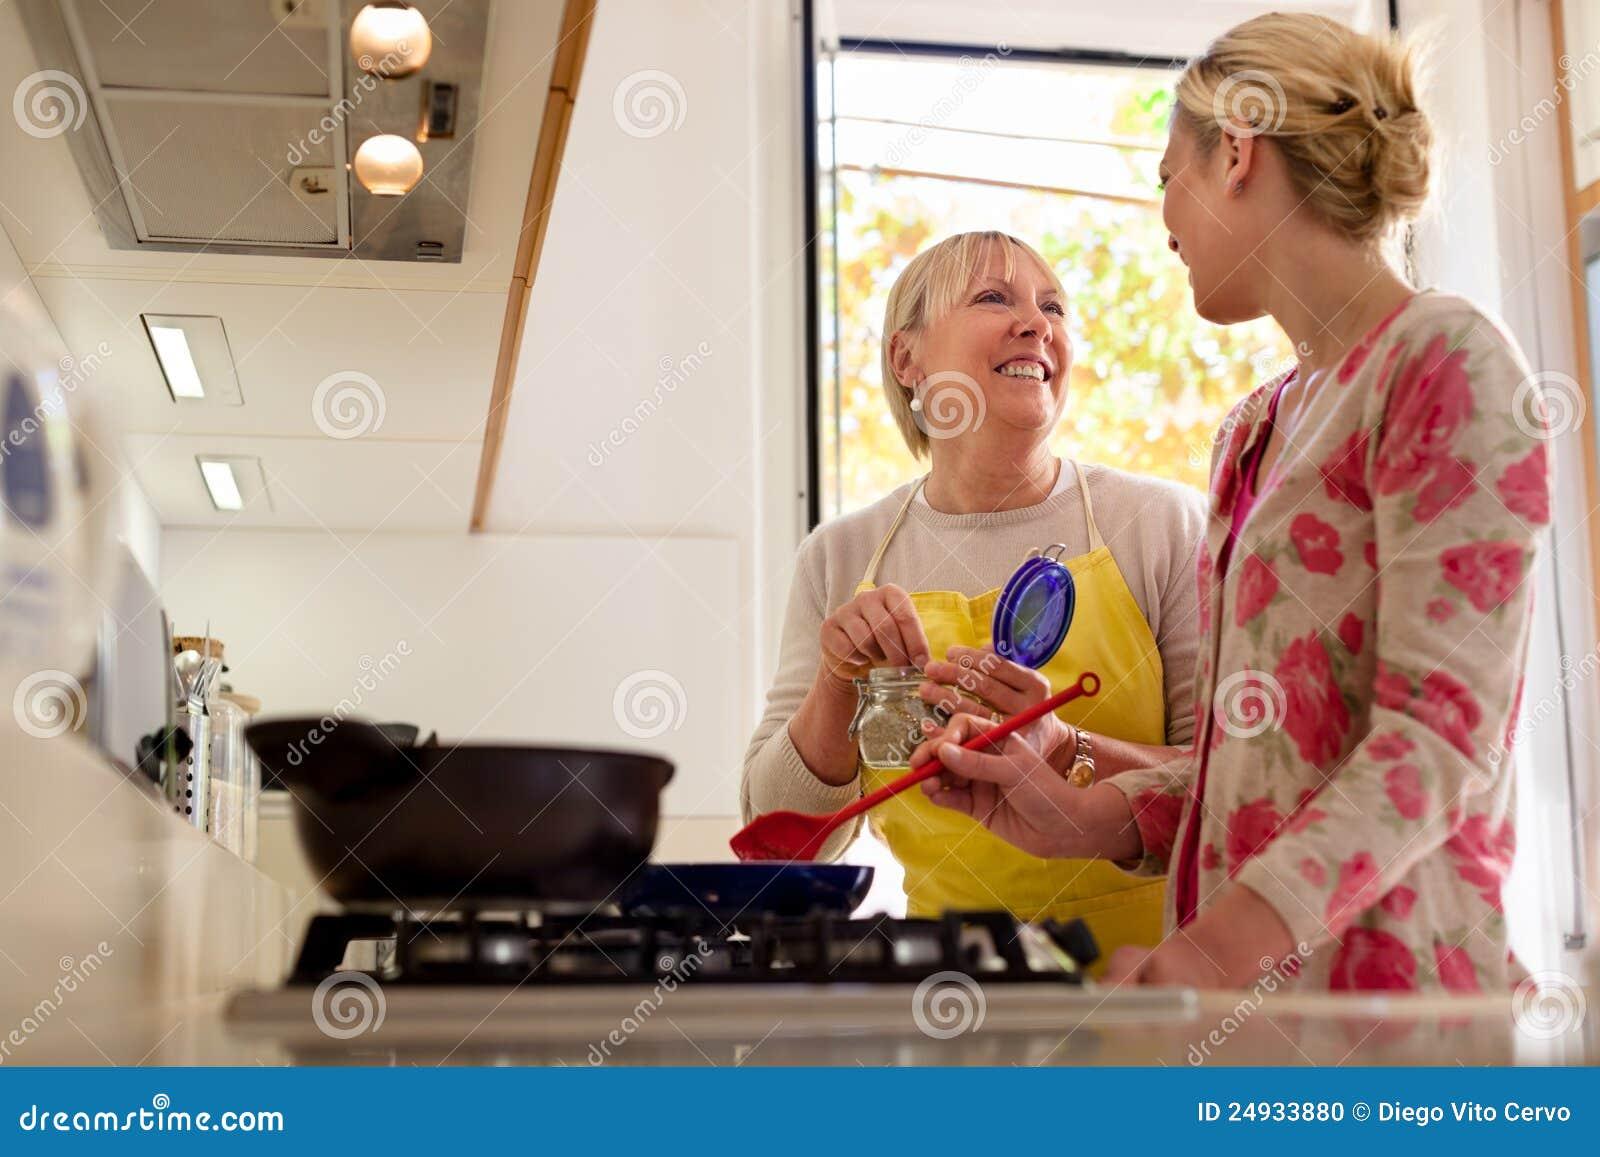 С мамкой на кухне, Мама и сын на кухне - смотреть порно онлайн или скачать 23 фотография